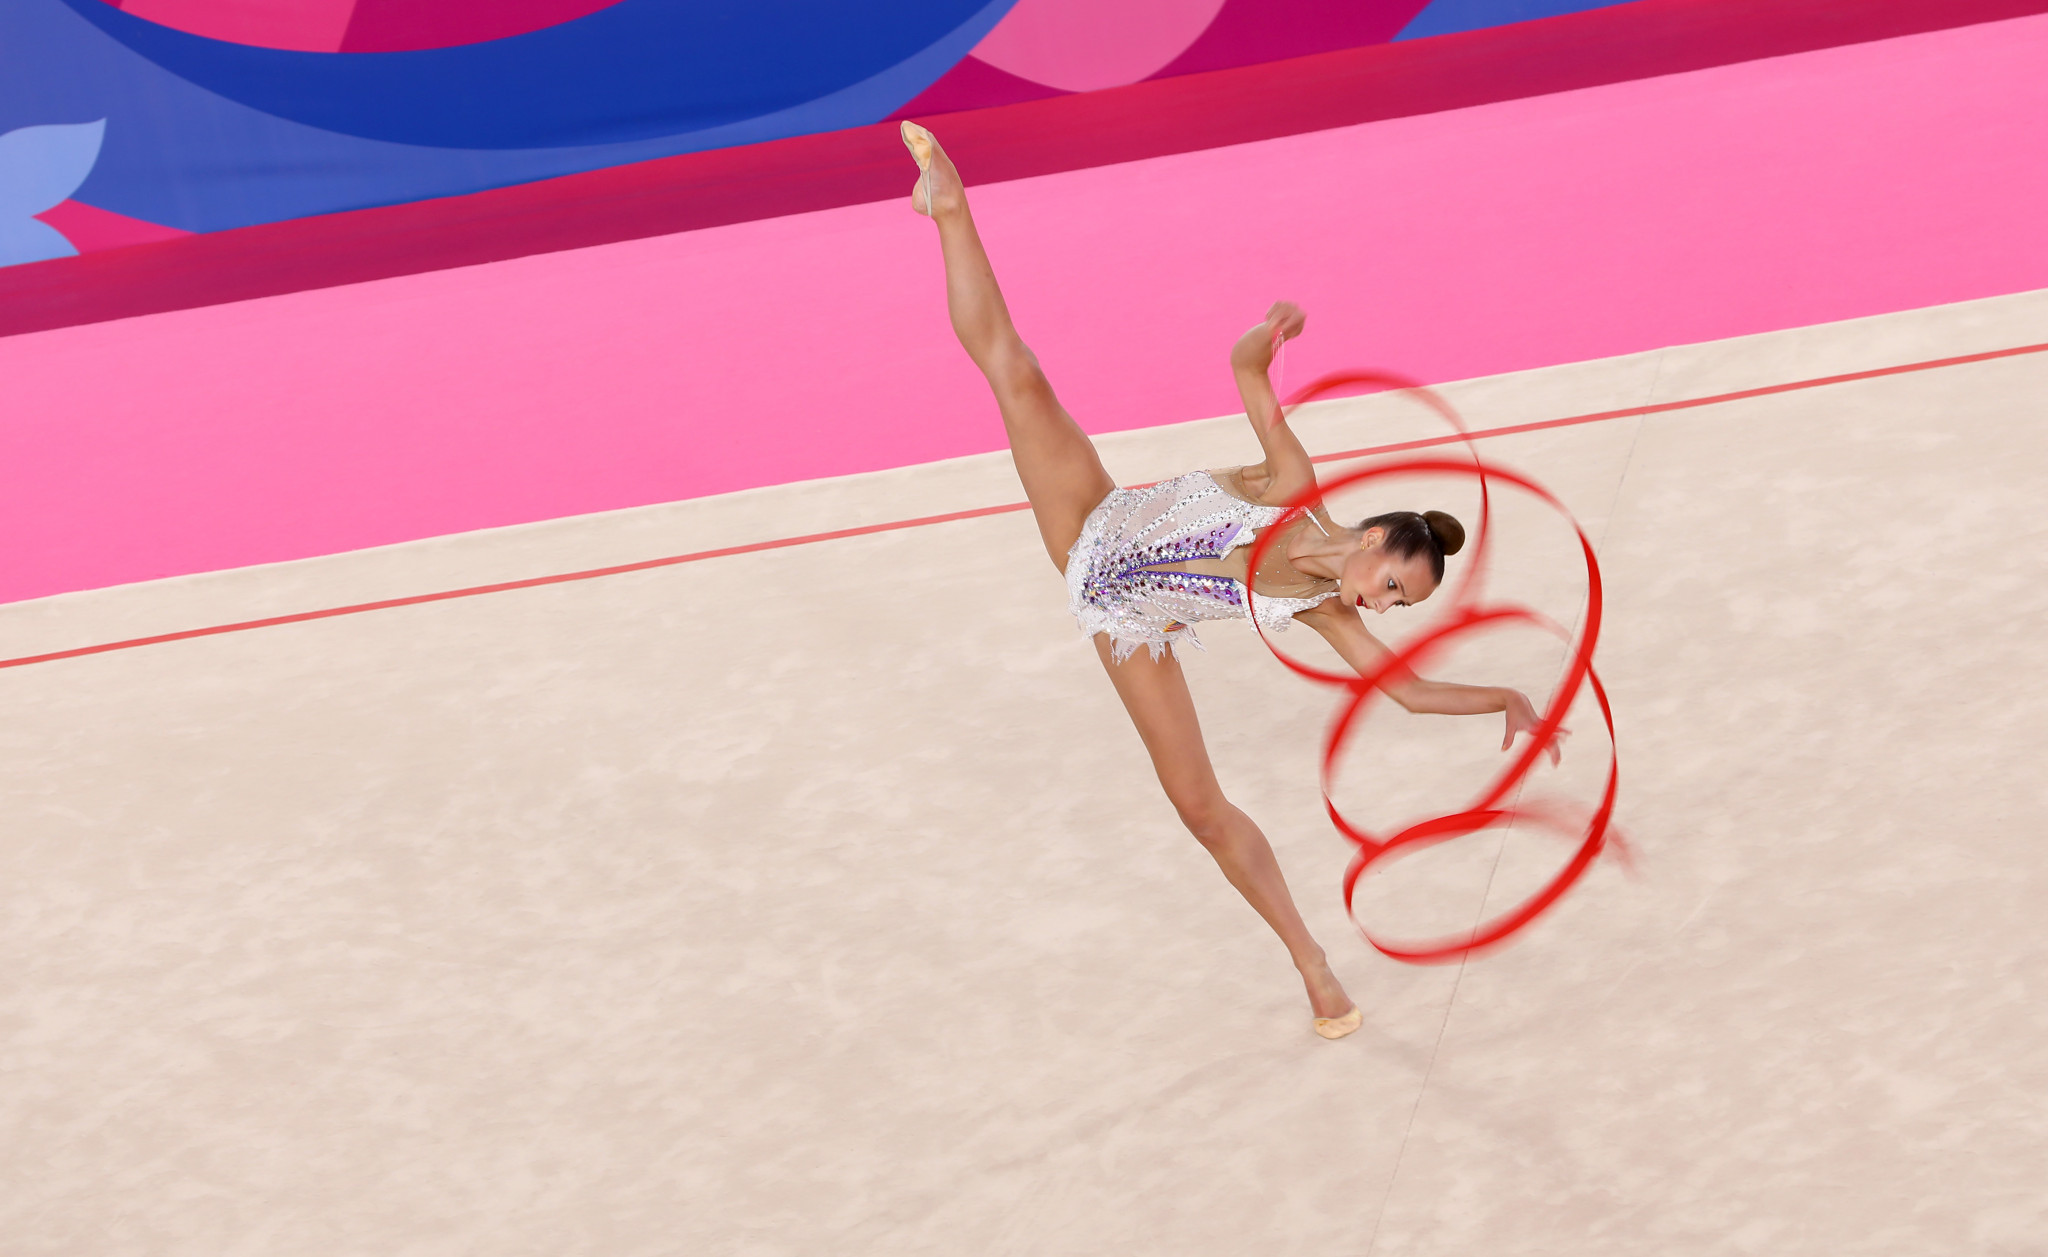 Rhythmic gymnasts add colour to Lima 2019